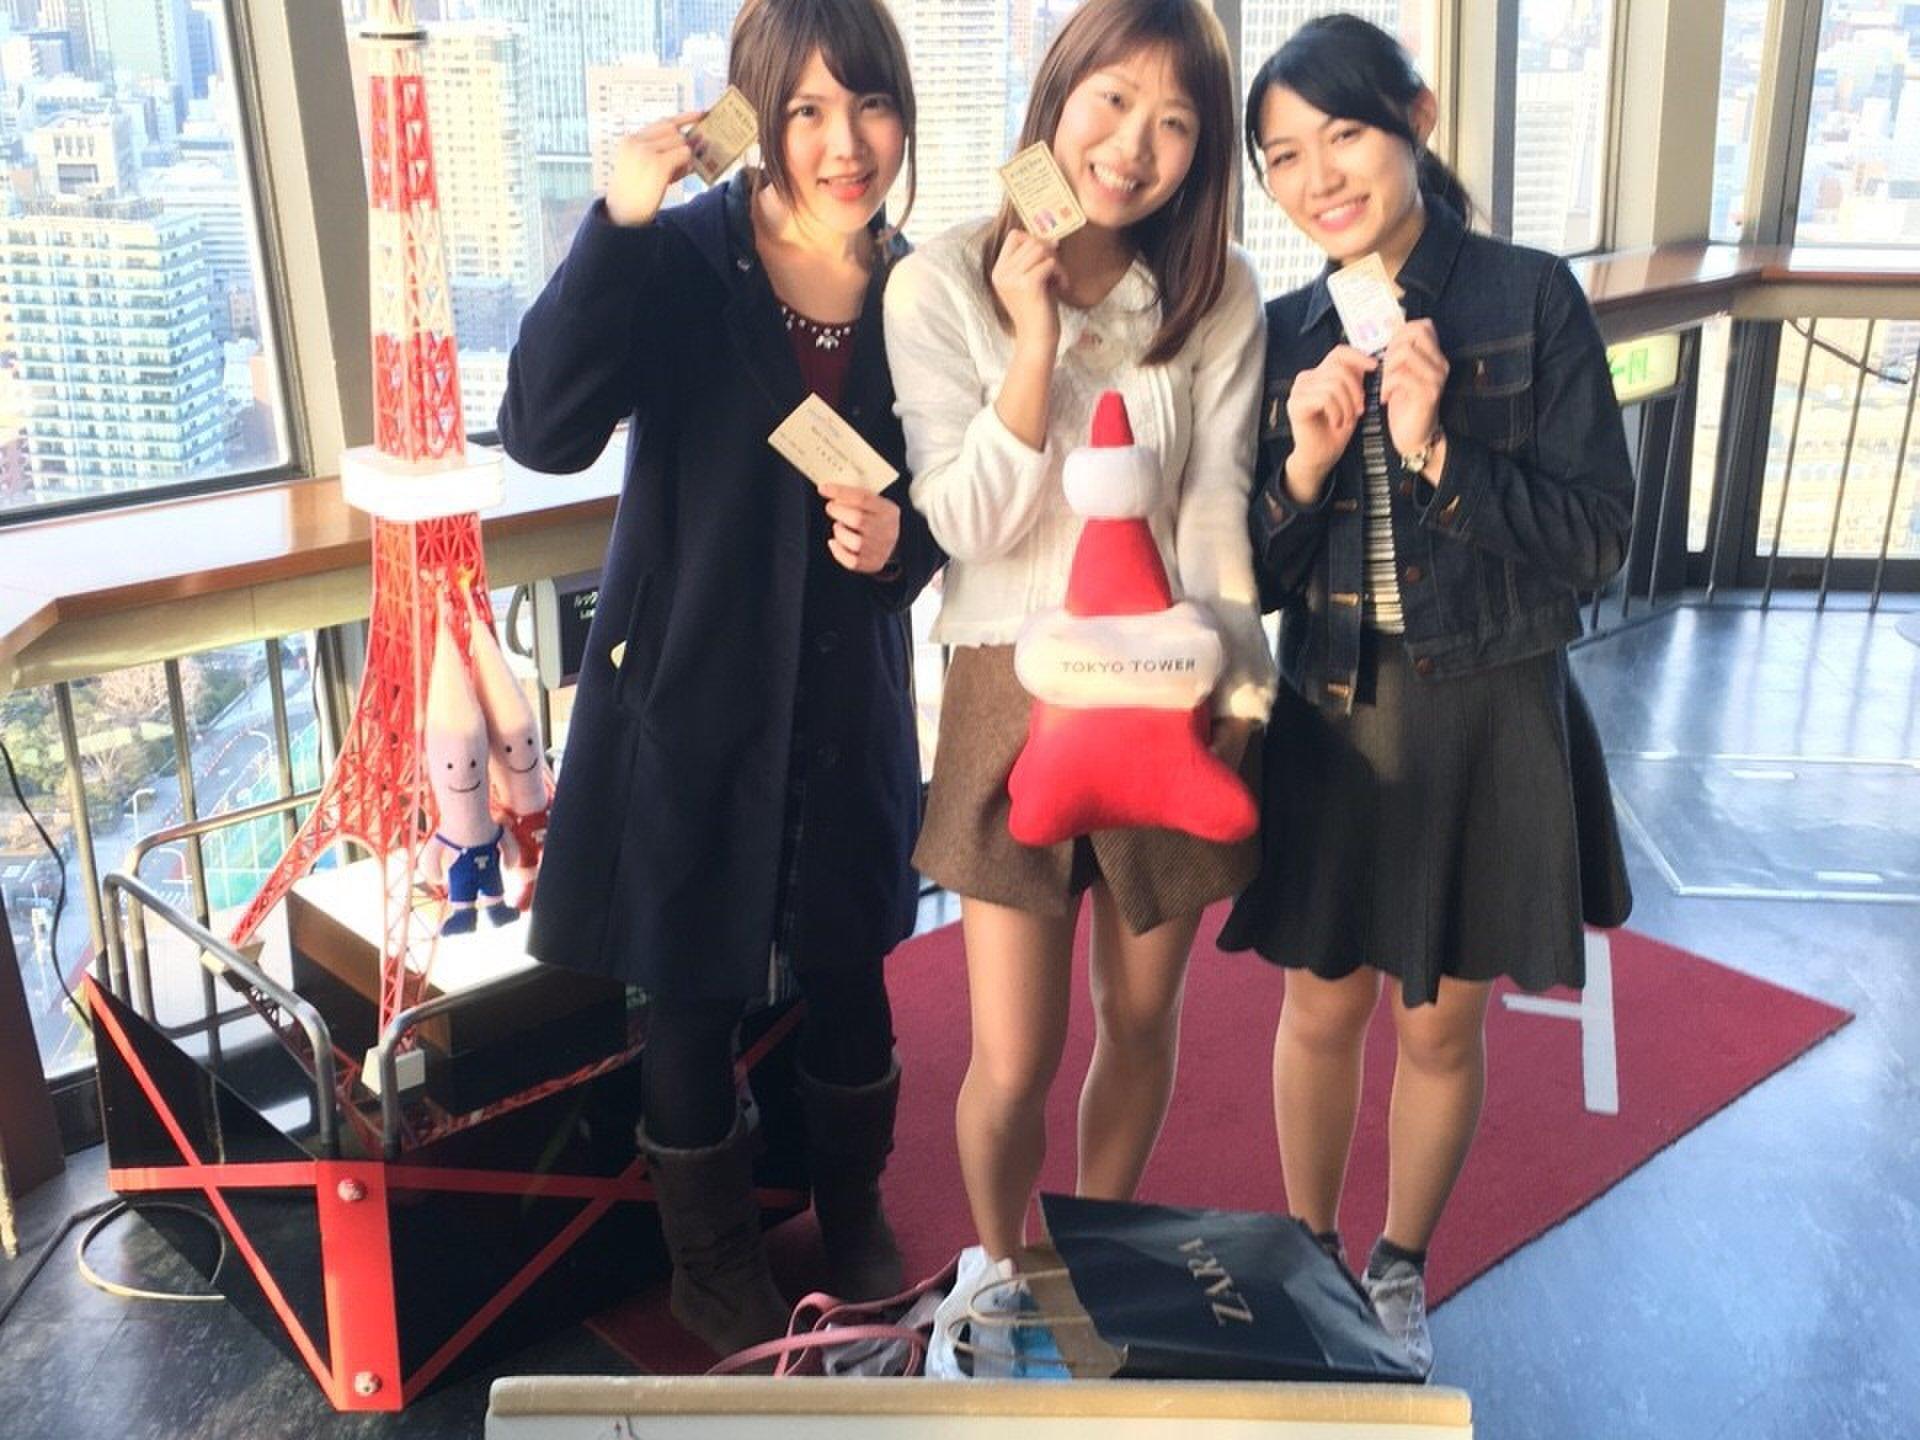 東京タワーは思いっきり楽しめるスポット!デートしたいって思わせちゃうコース♡